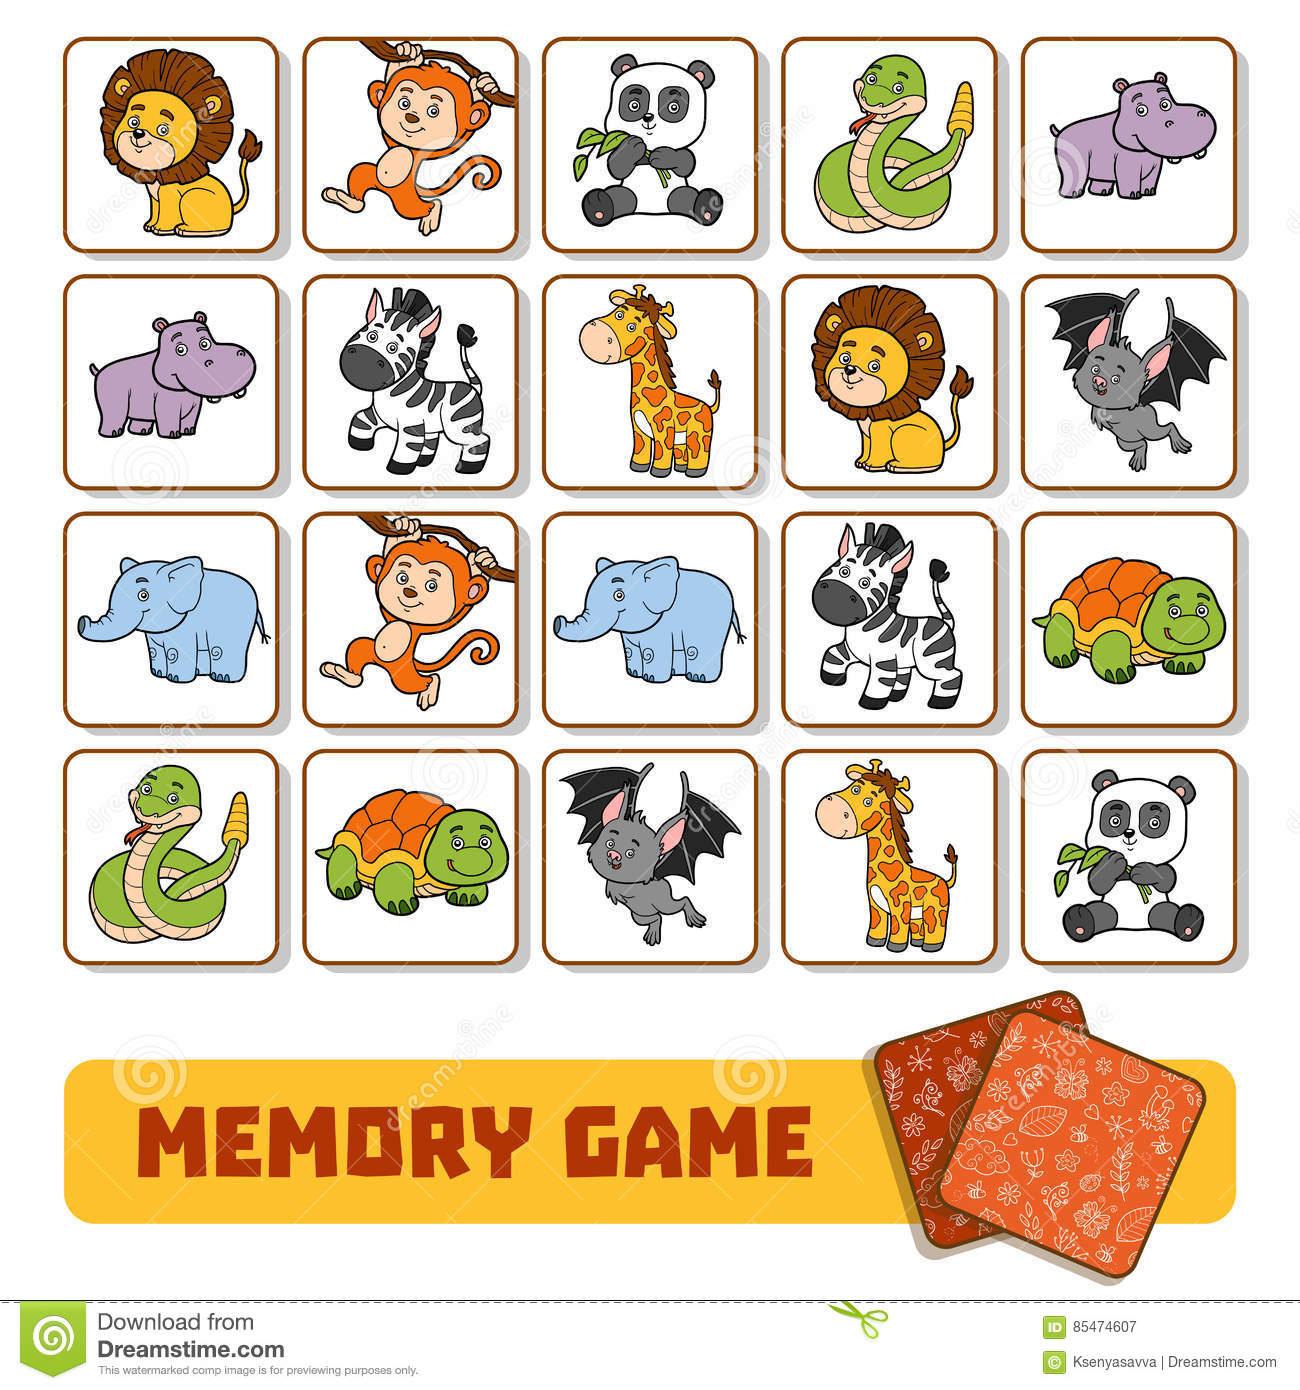 Jeu De Mémoire Pour Les Enfants, Cartes Avec Des Animaux De avec Jeux De Memory Pour Enfants